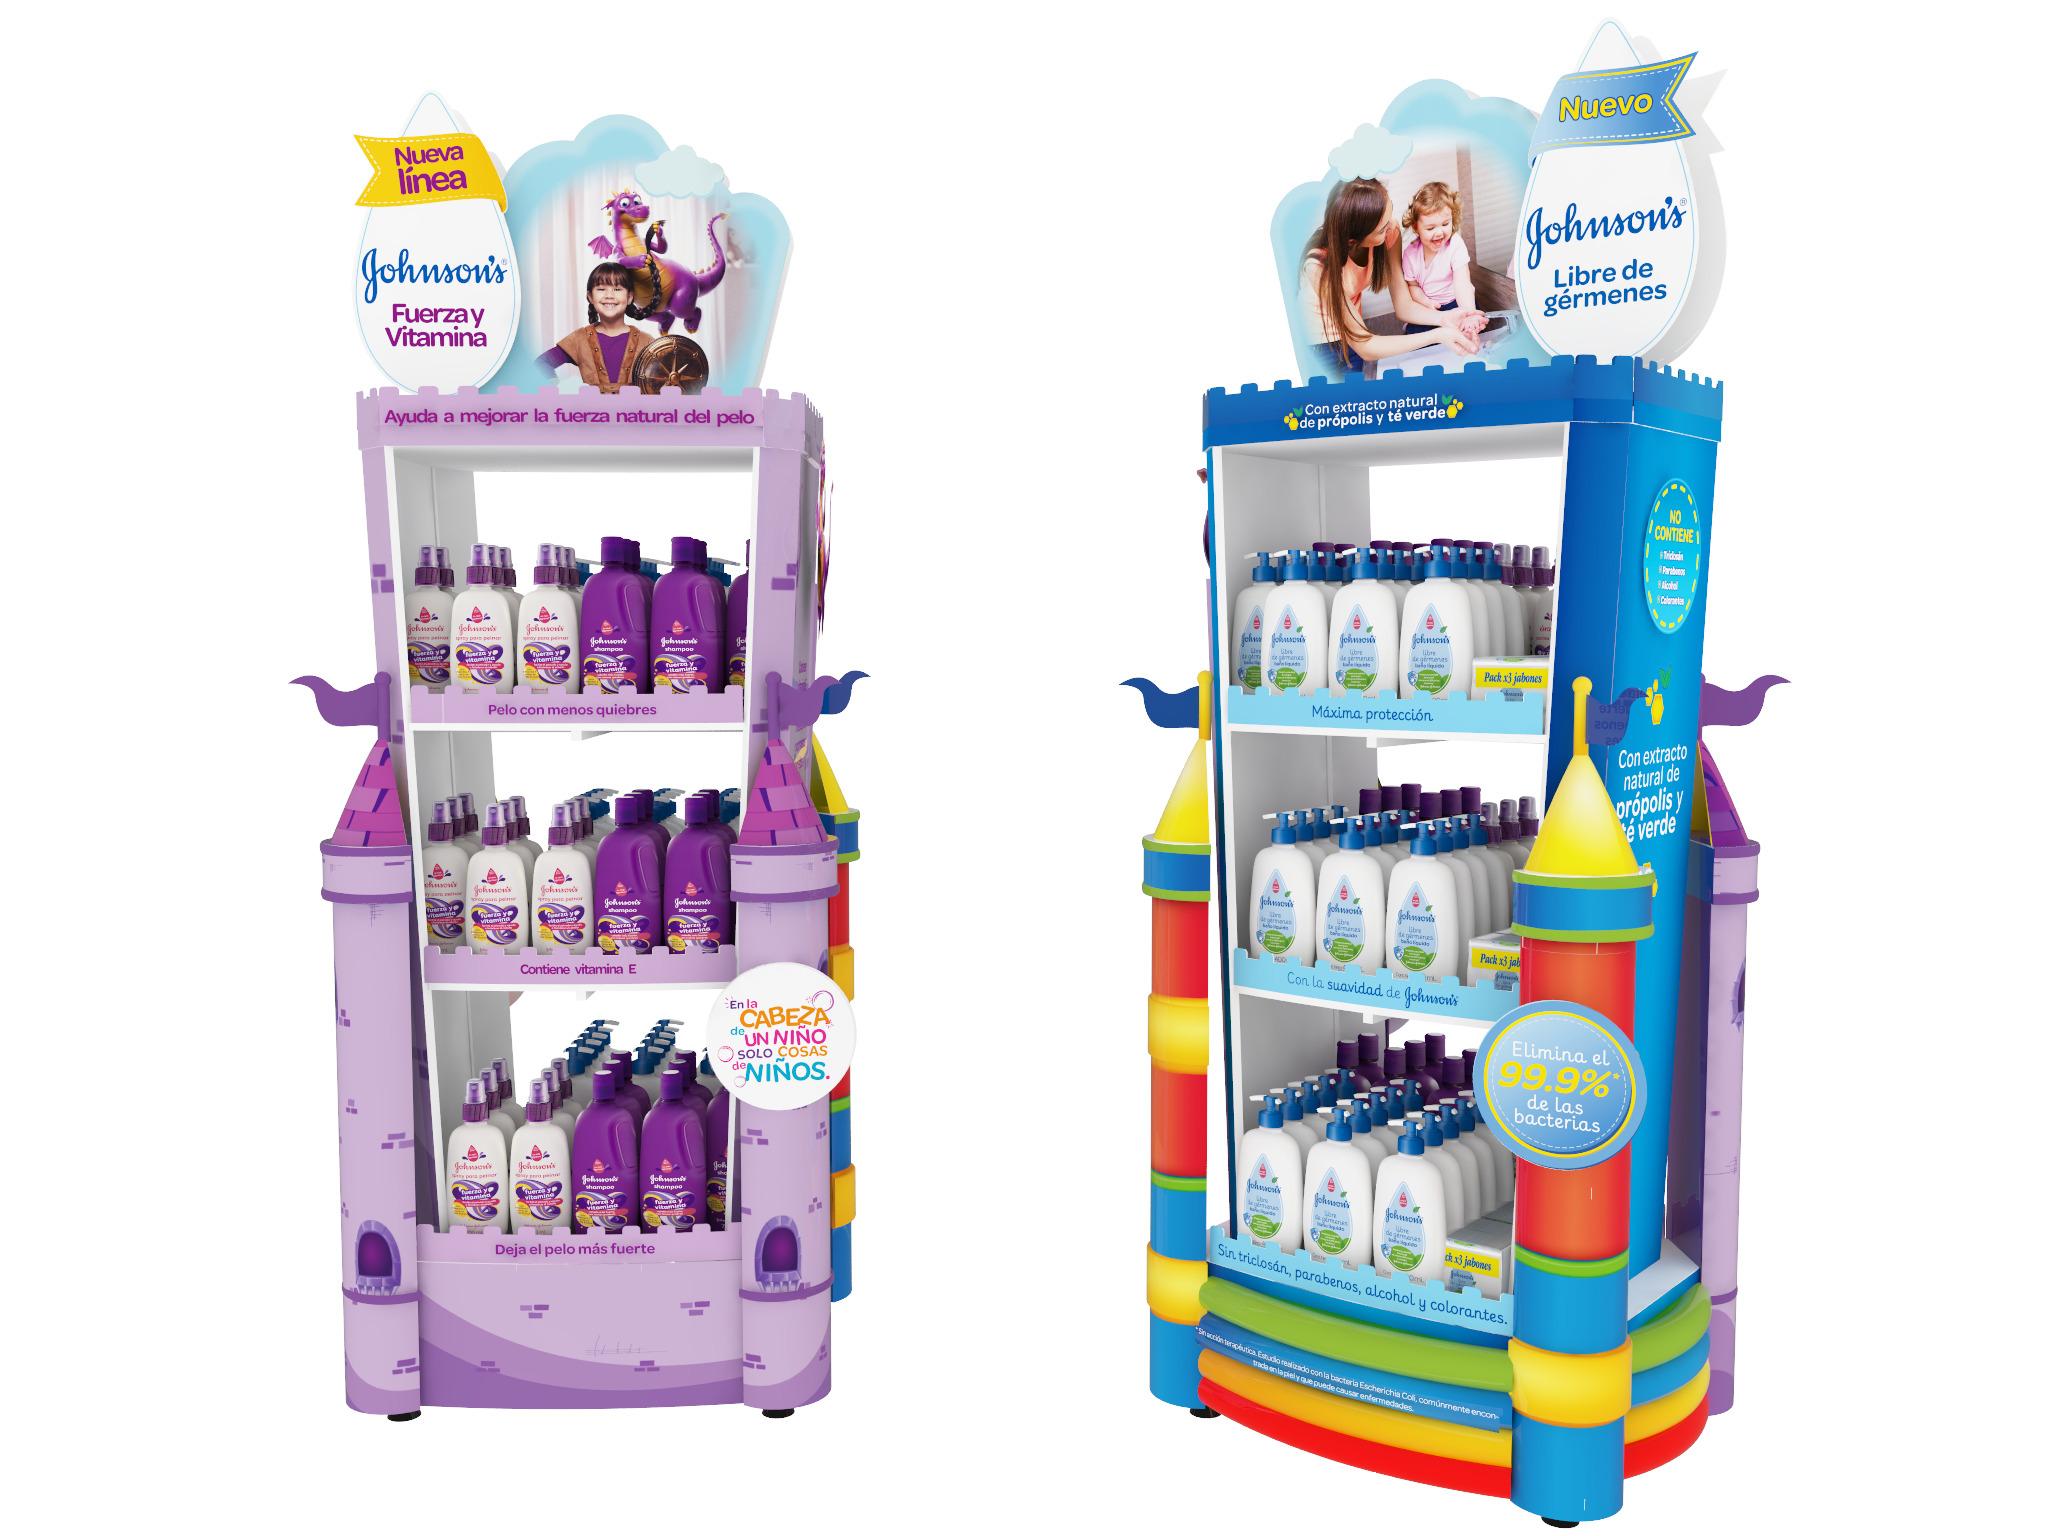 Aplicación de lineamiento de marca para lograr un exhibidor que comunique y acerque al consumidor